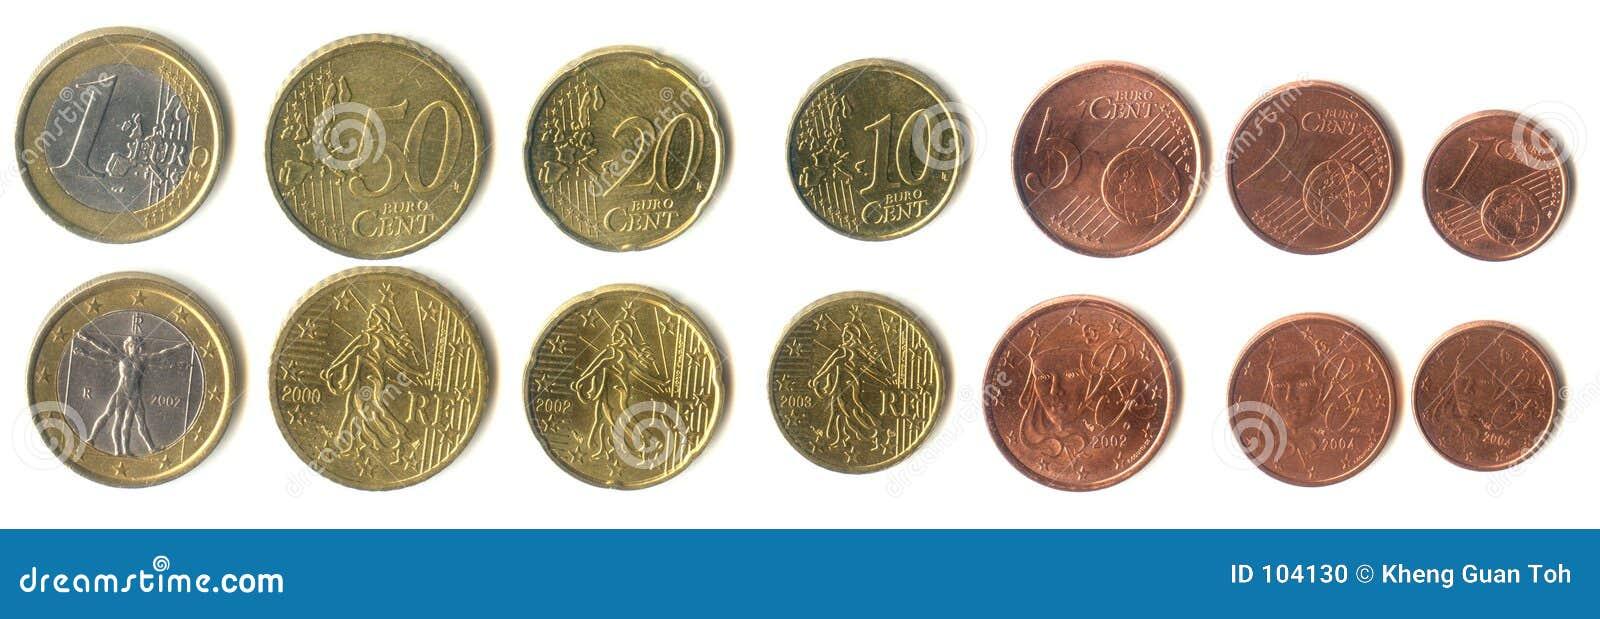 Euromünzen Stockfoto Bild Von Geschäft Länder Geld Finanzierung